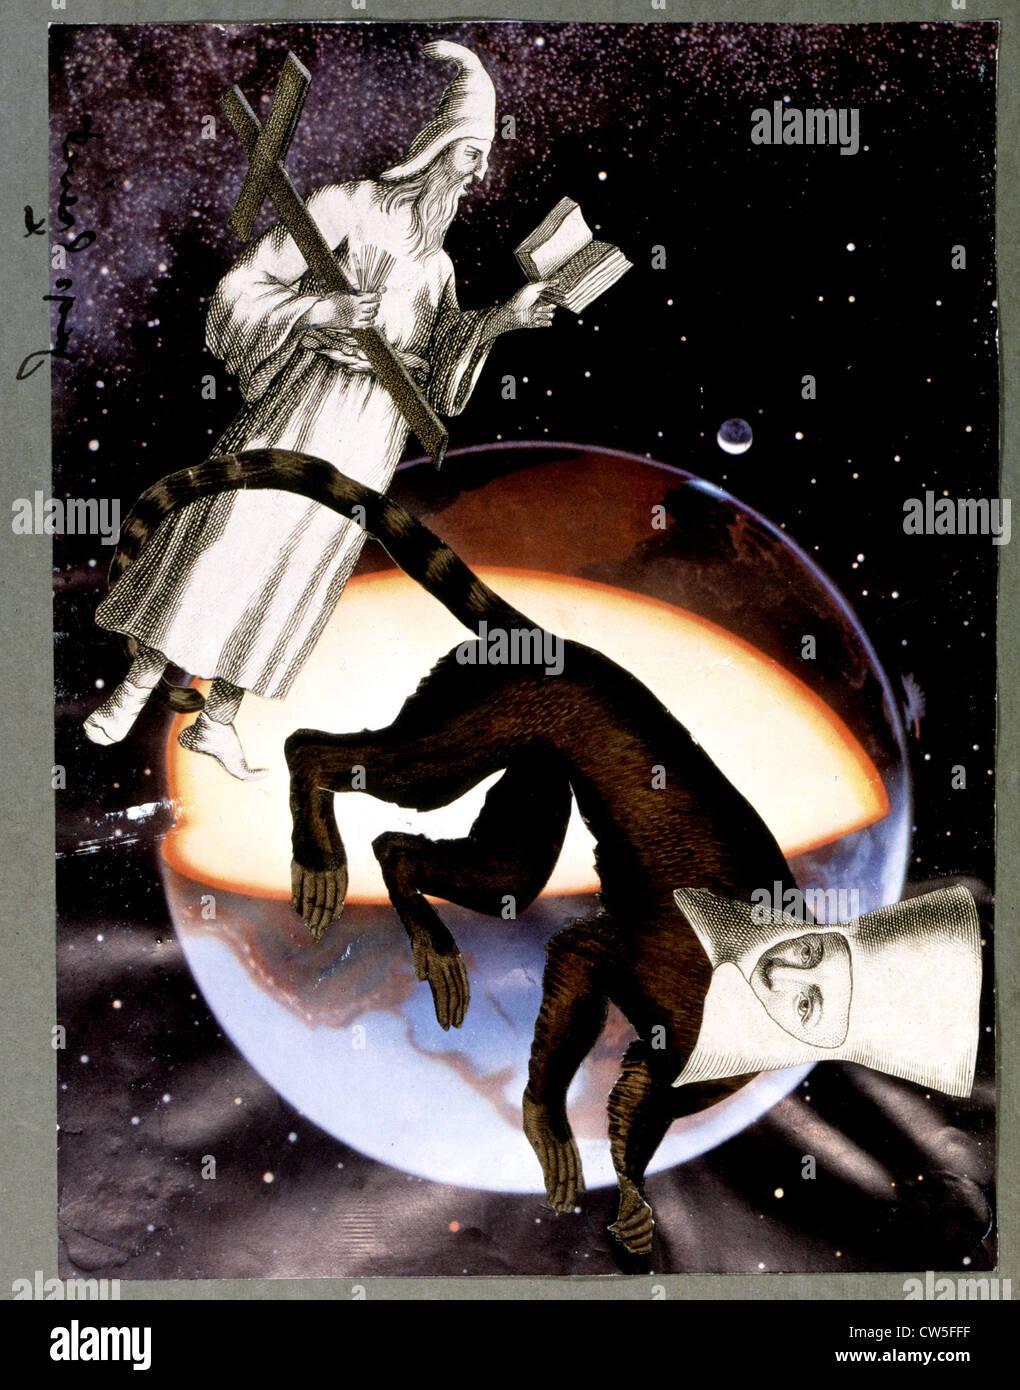 Autour de la terre, collage de Jacques Prévert Photo Stock